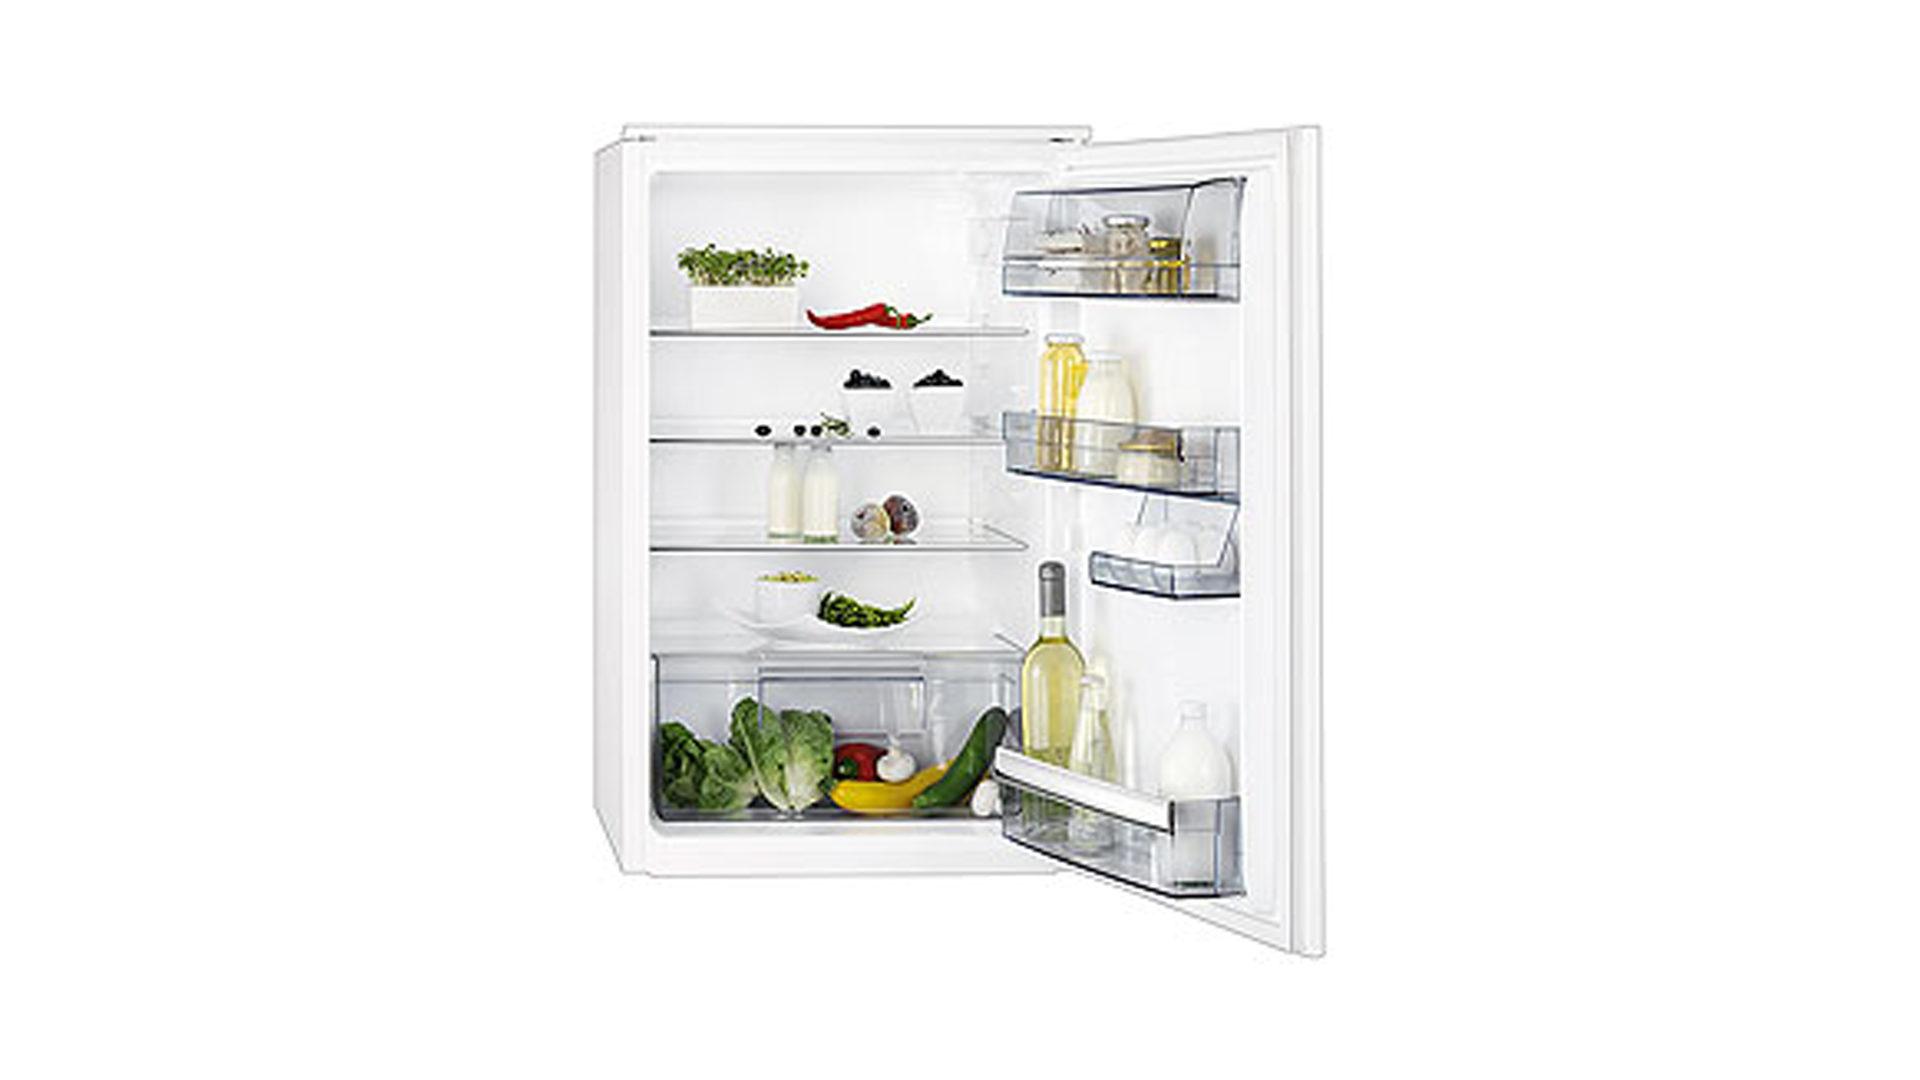 Aeg Kühlschrank A : Wohnland breitwieser markenshops alle geräte aeg aeg